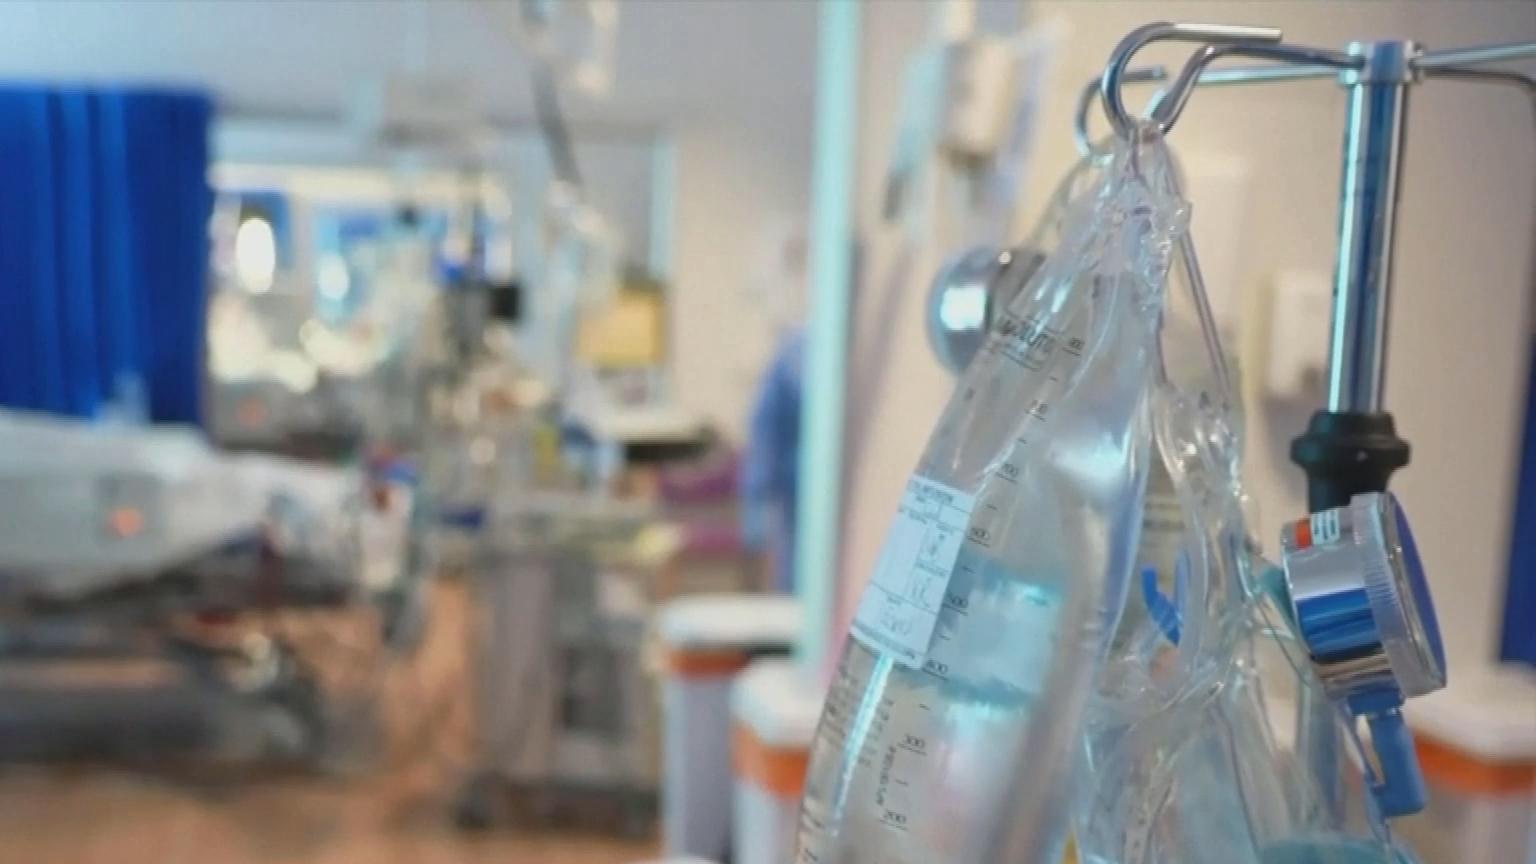 Global coronavirus infections surpass 100 million